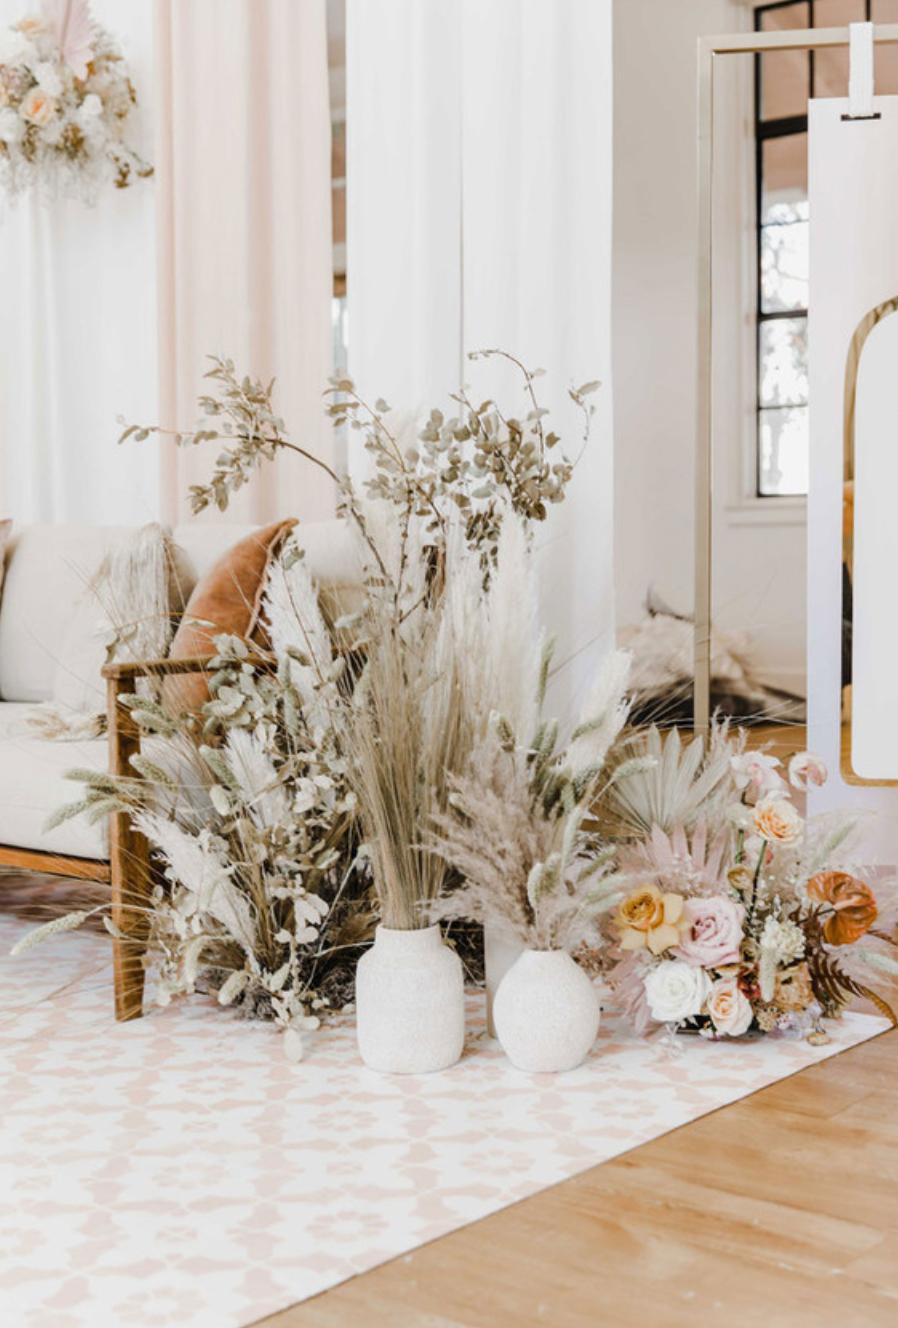 Dried flower wedding ideas